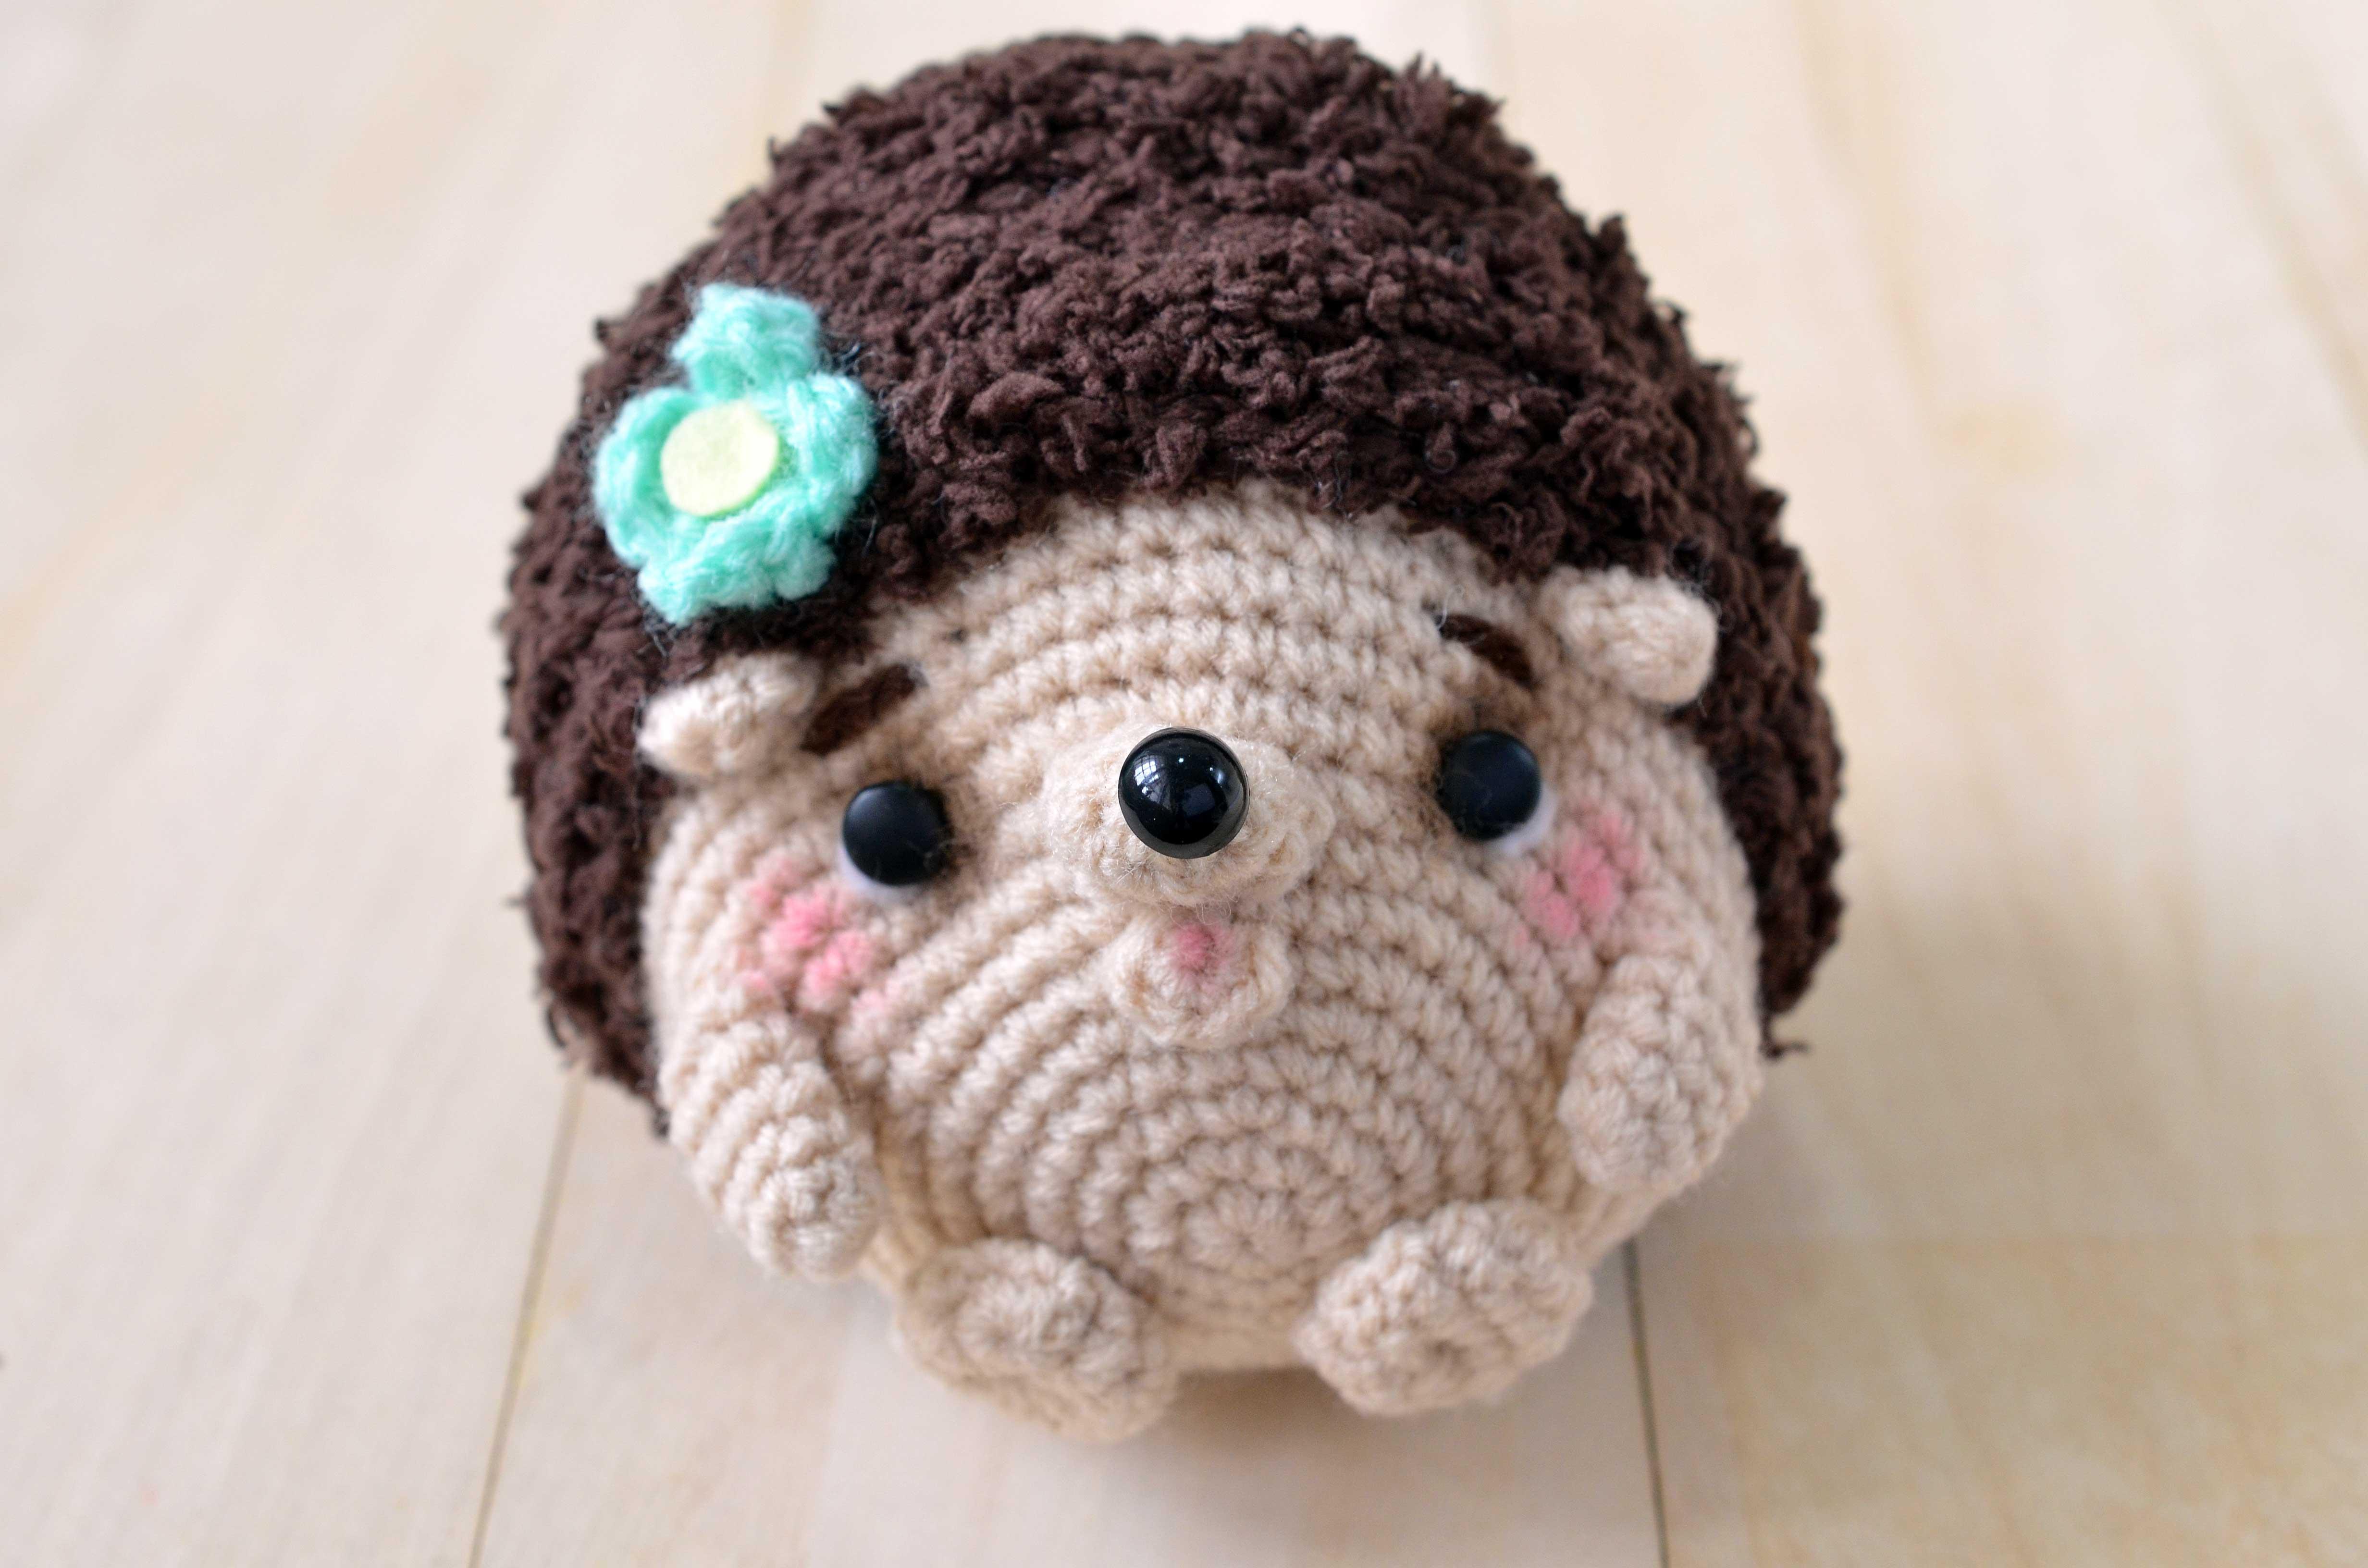 Amigurumi Hedgehog : New amigurumi pattern: Mimi-chan the hedgehog amiguruMEI ...